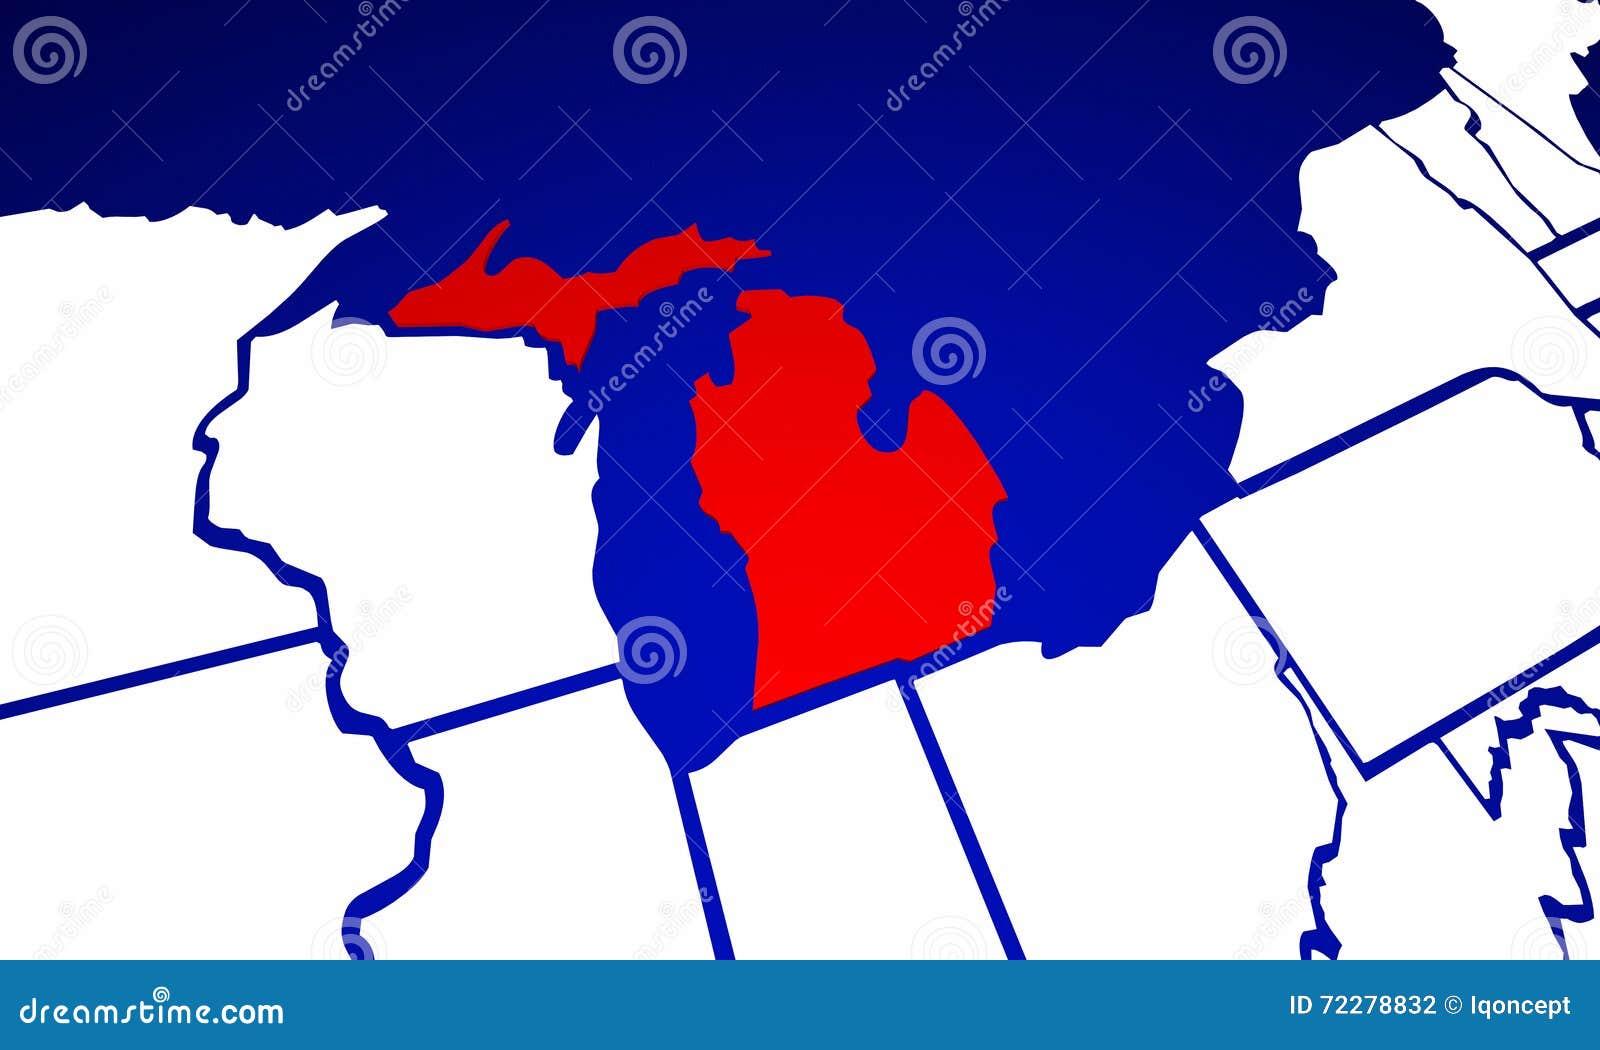 Download Карта положения Соединенных Штатов Америки положения Мичигана MI Иллюстрация штока - иллюстрации насчитывающей highlight, мичиган: 72278832